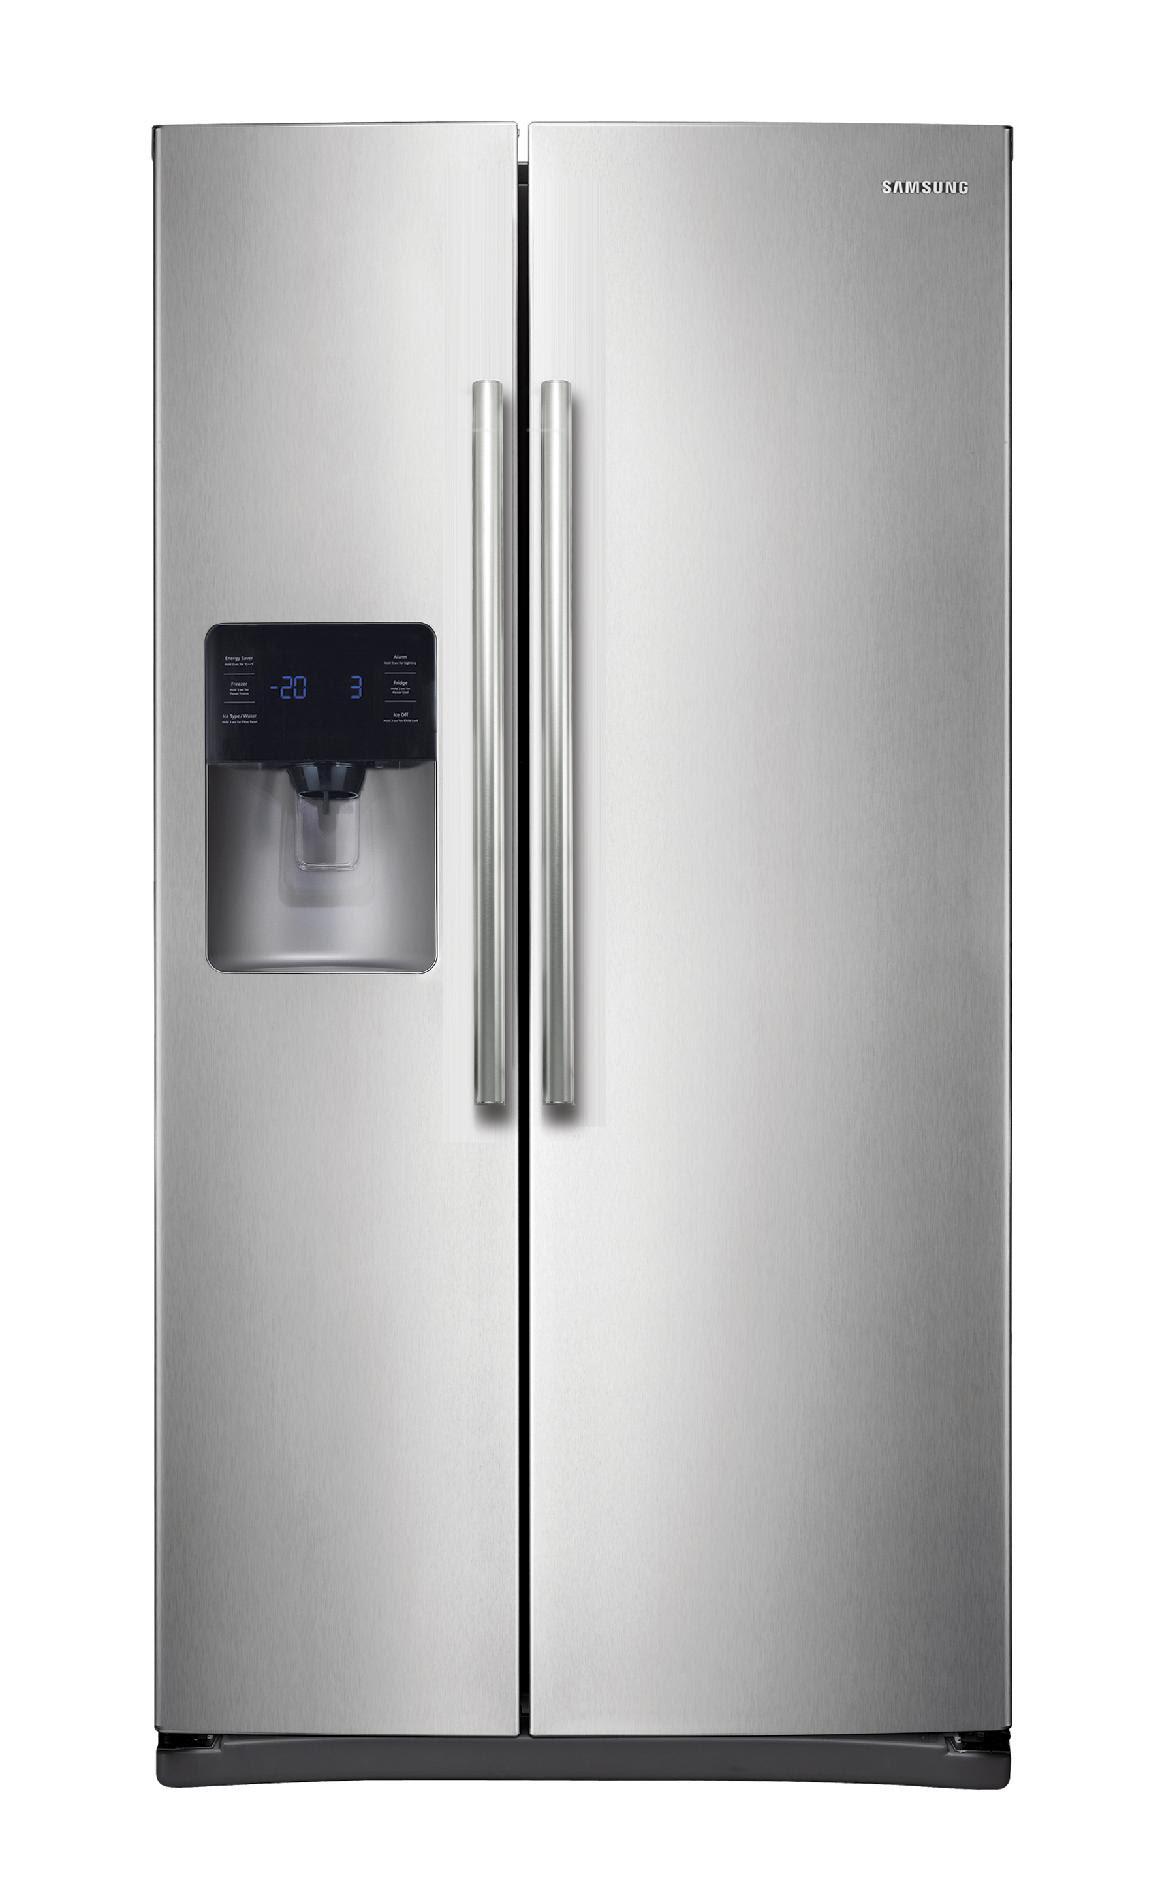 Samsung RS25H5111SR 24 5 cu ft Side by Side Refrigerator